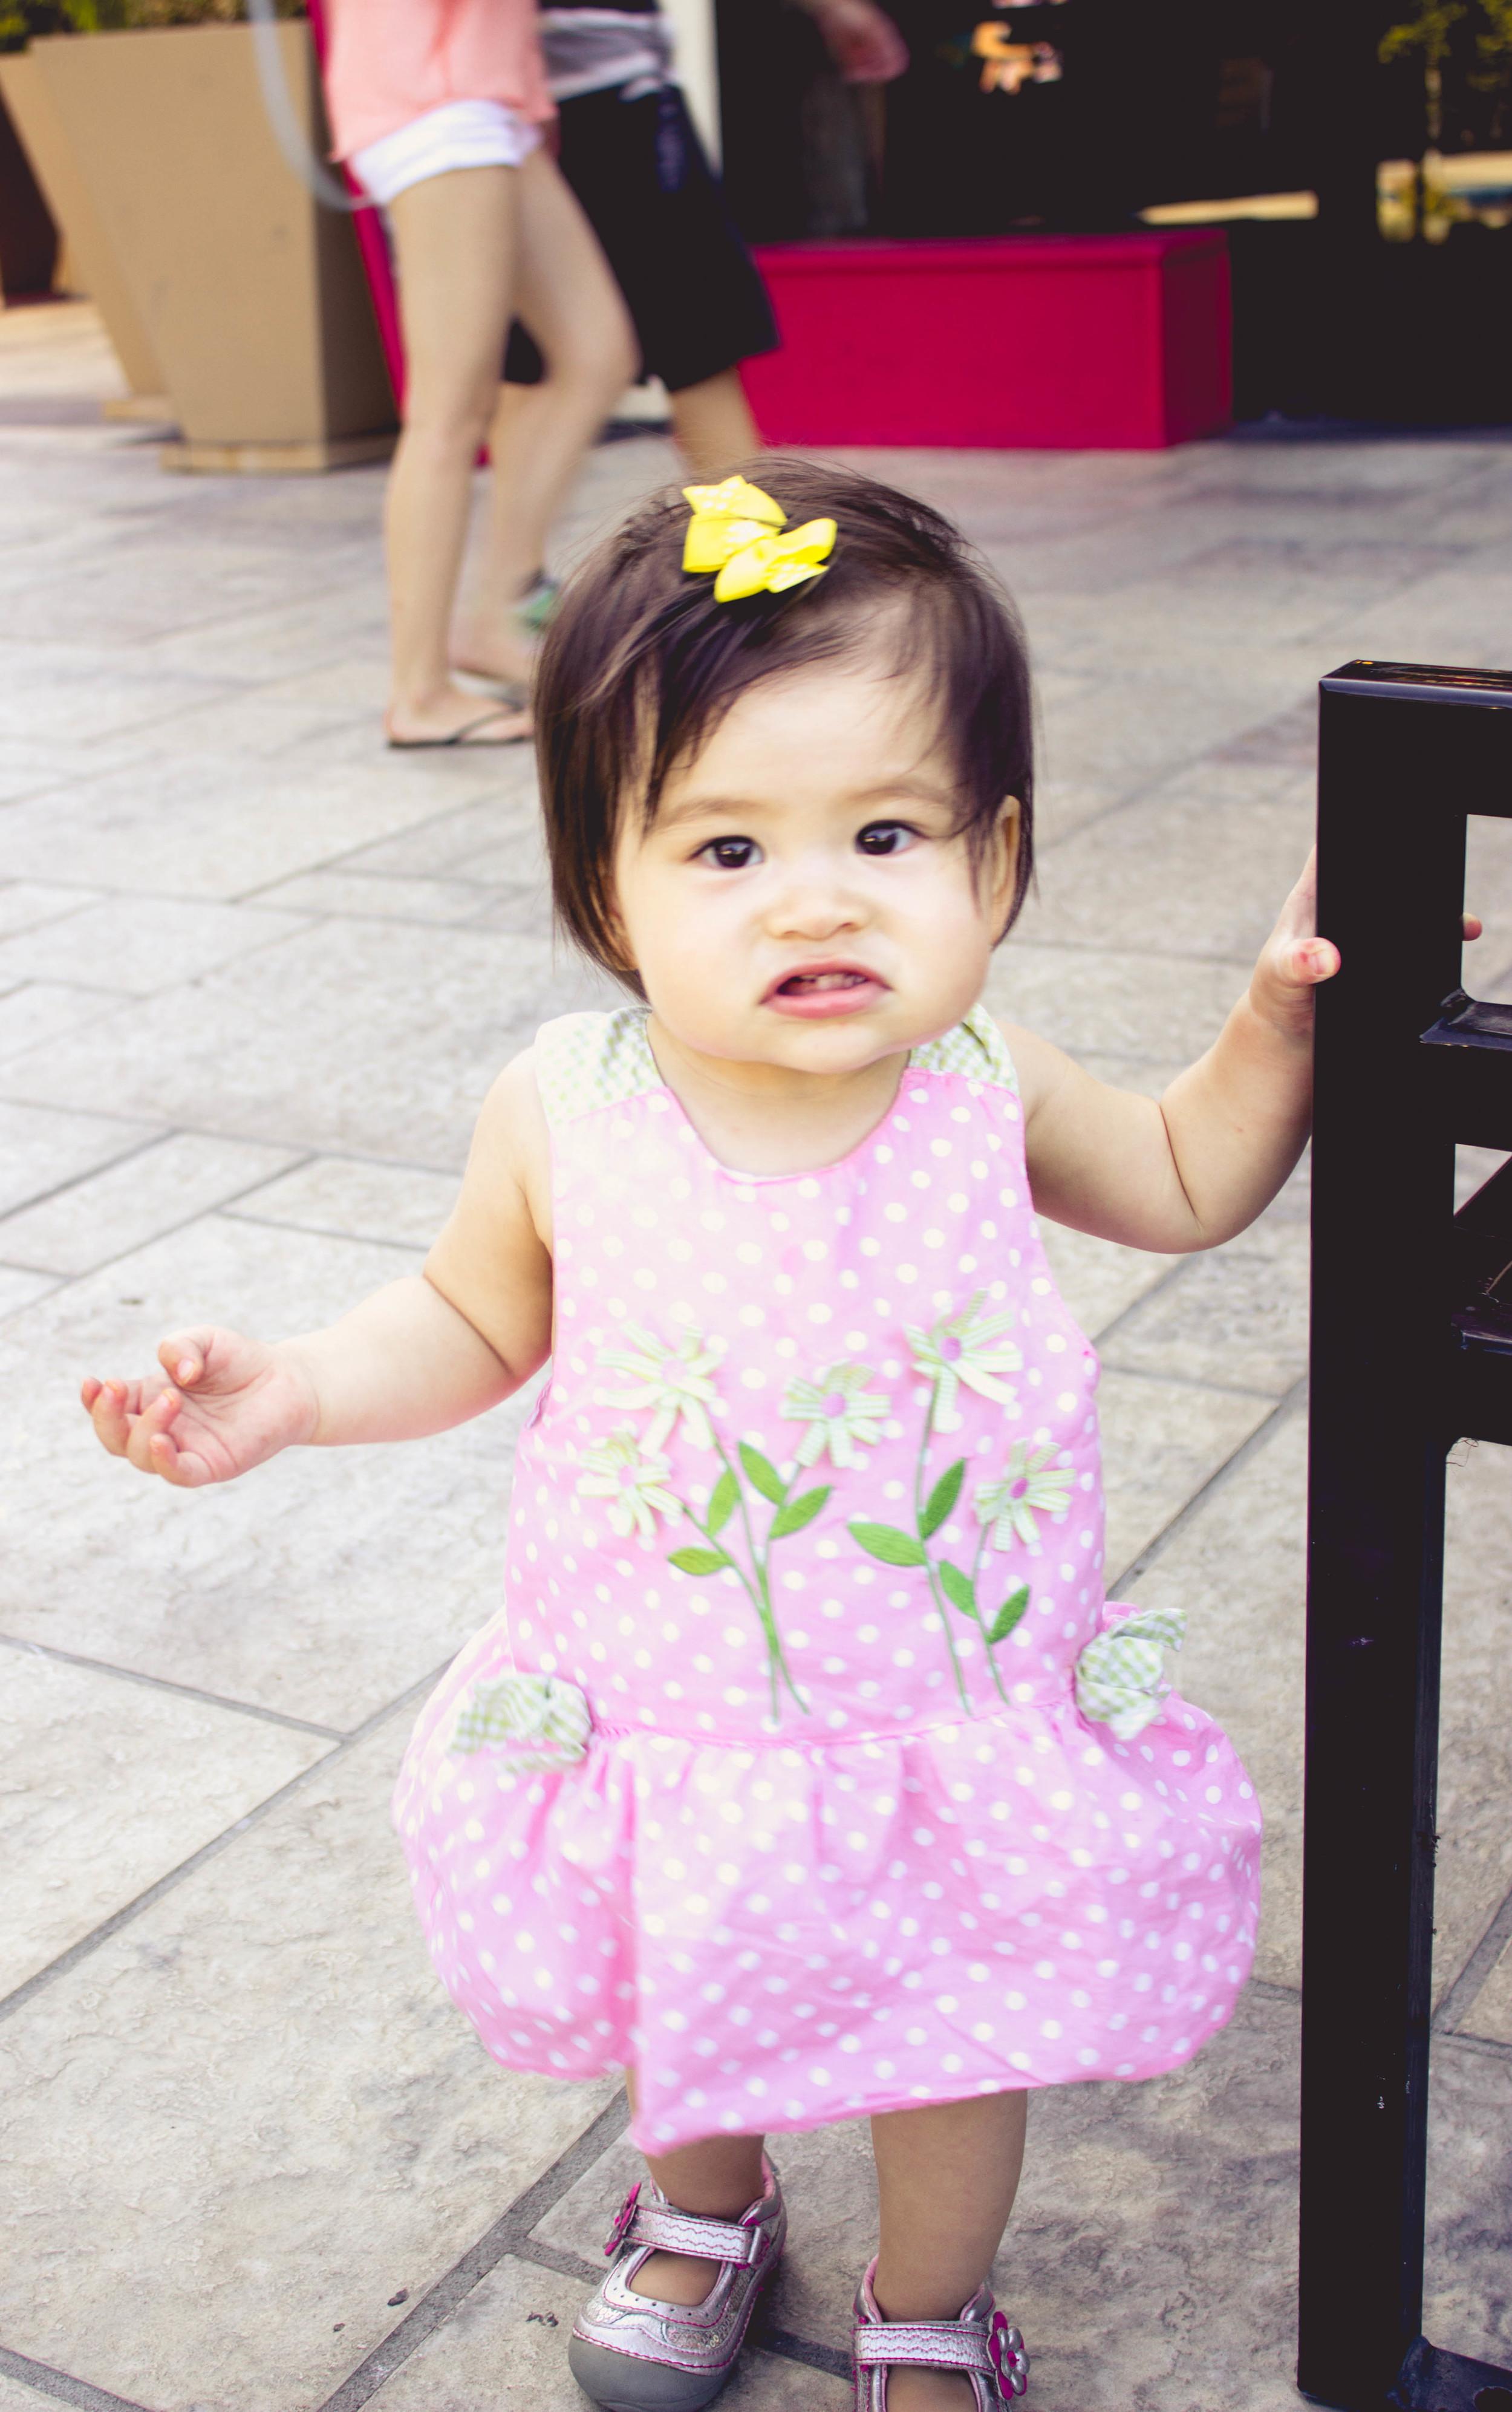 selah at 14 months in cerritos